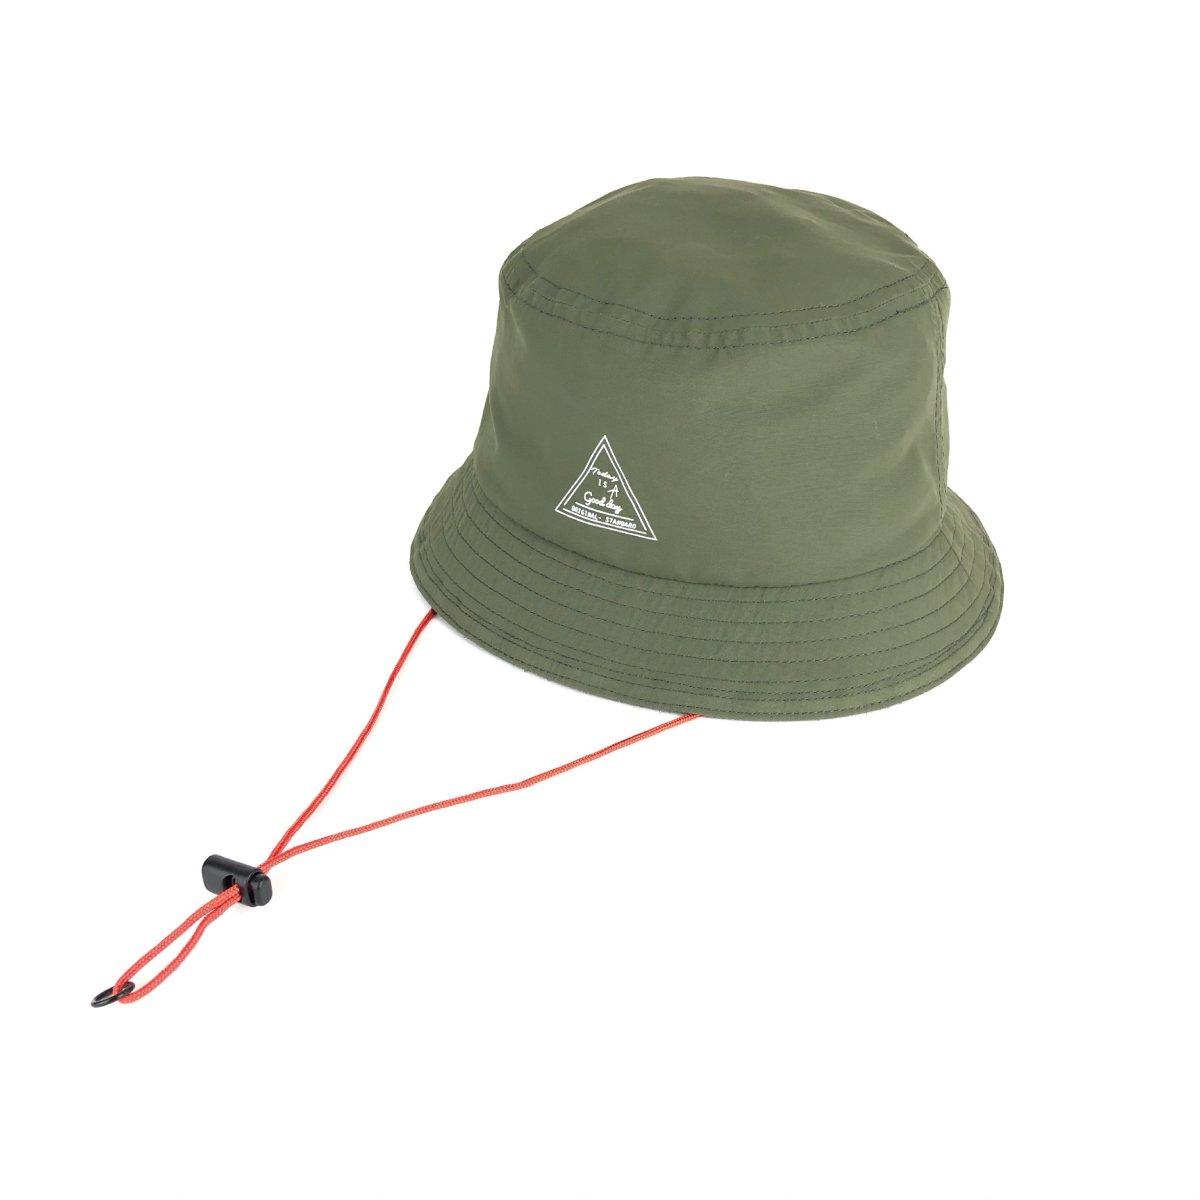 【KIDS】Kids Obey Hat 詳細画像9